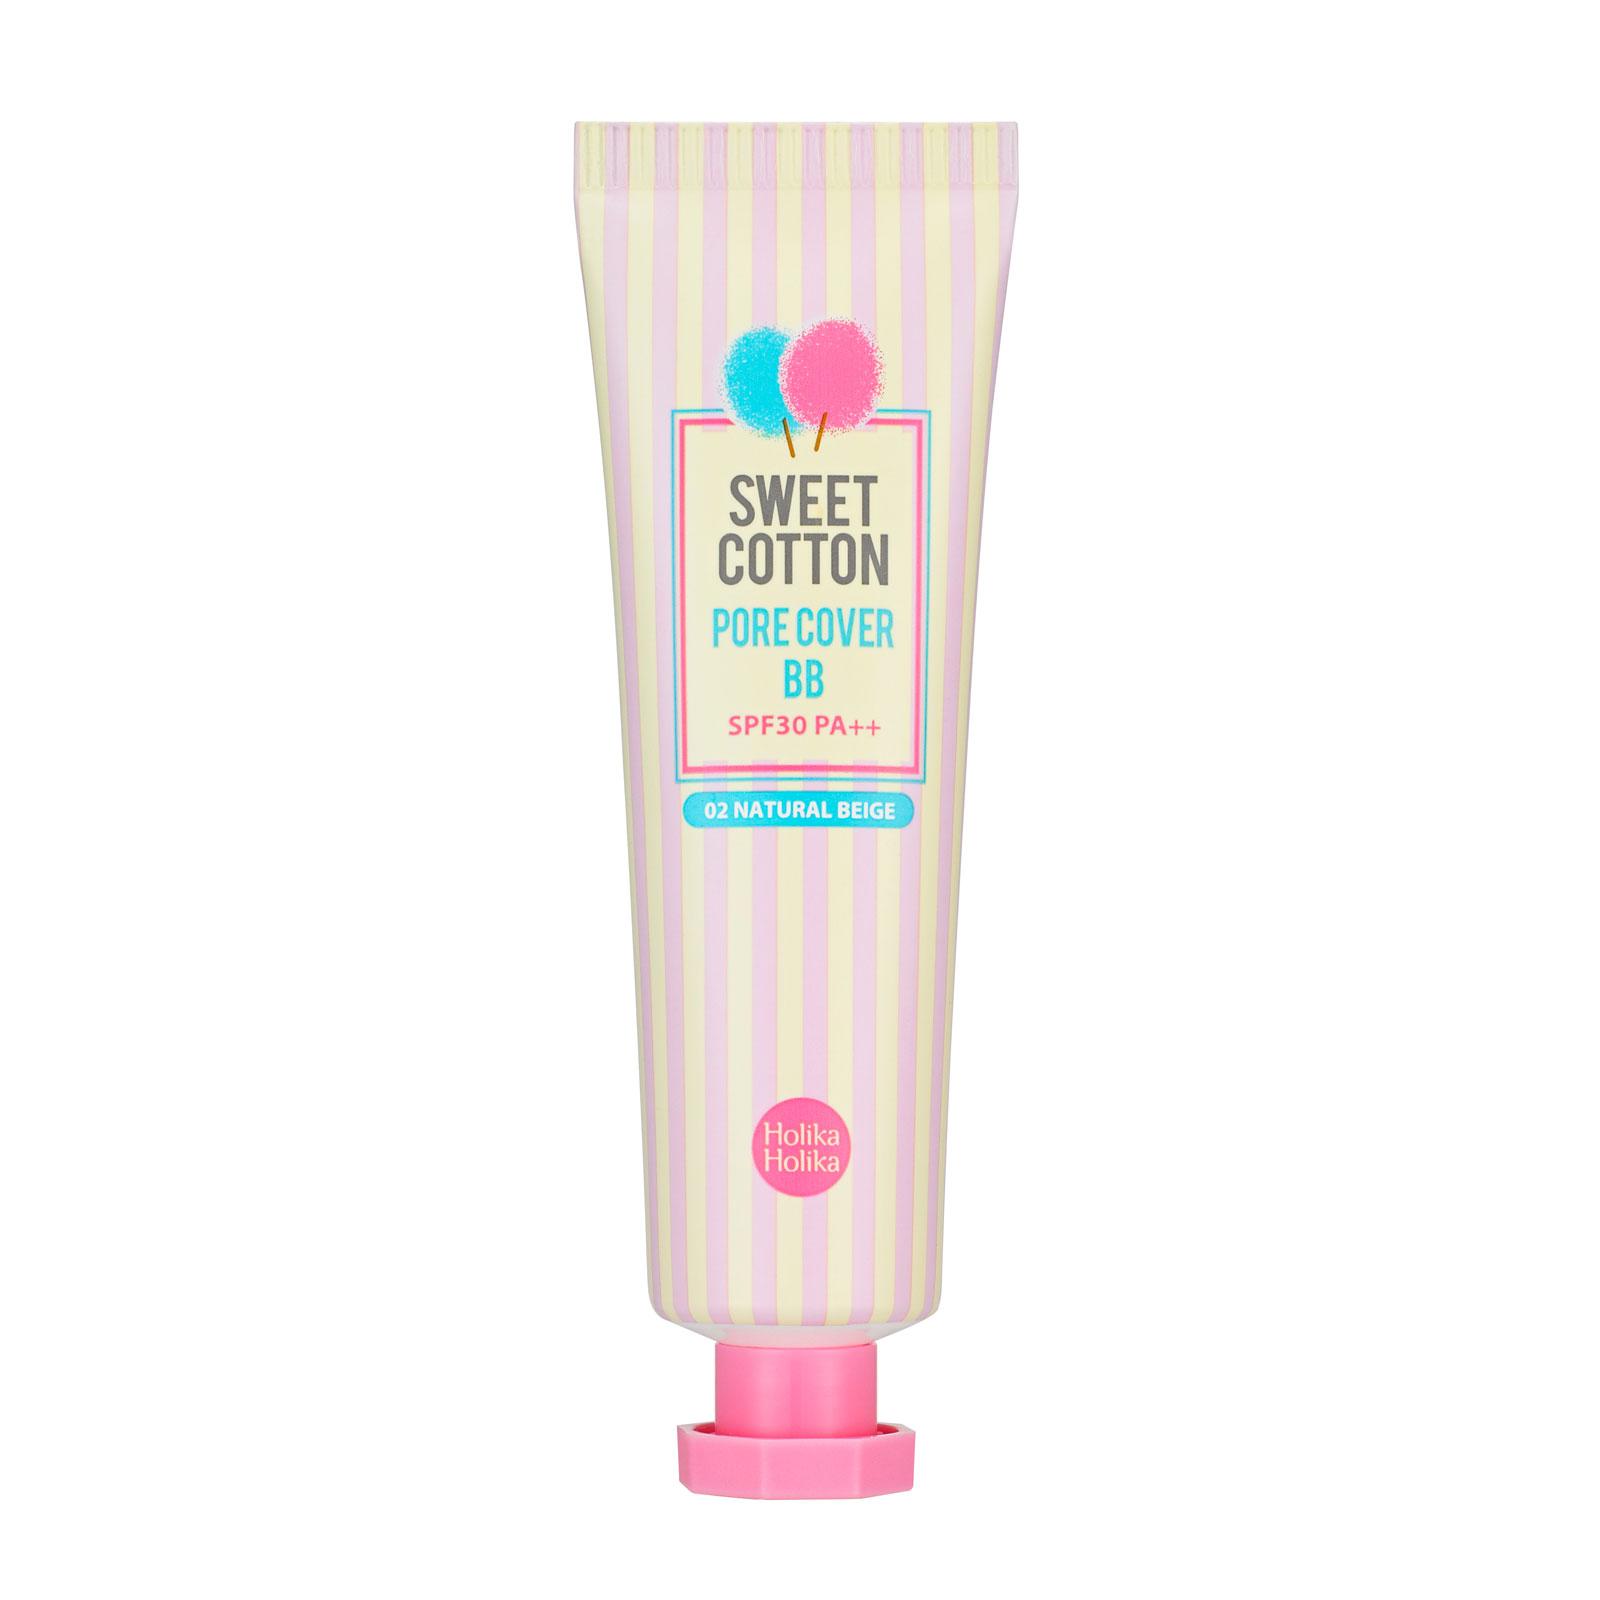 Крем BB Holika Holika Sweet Cotton Pore 02 натуральный беж 30 мл<br>